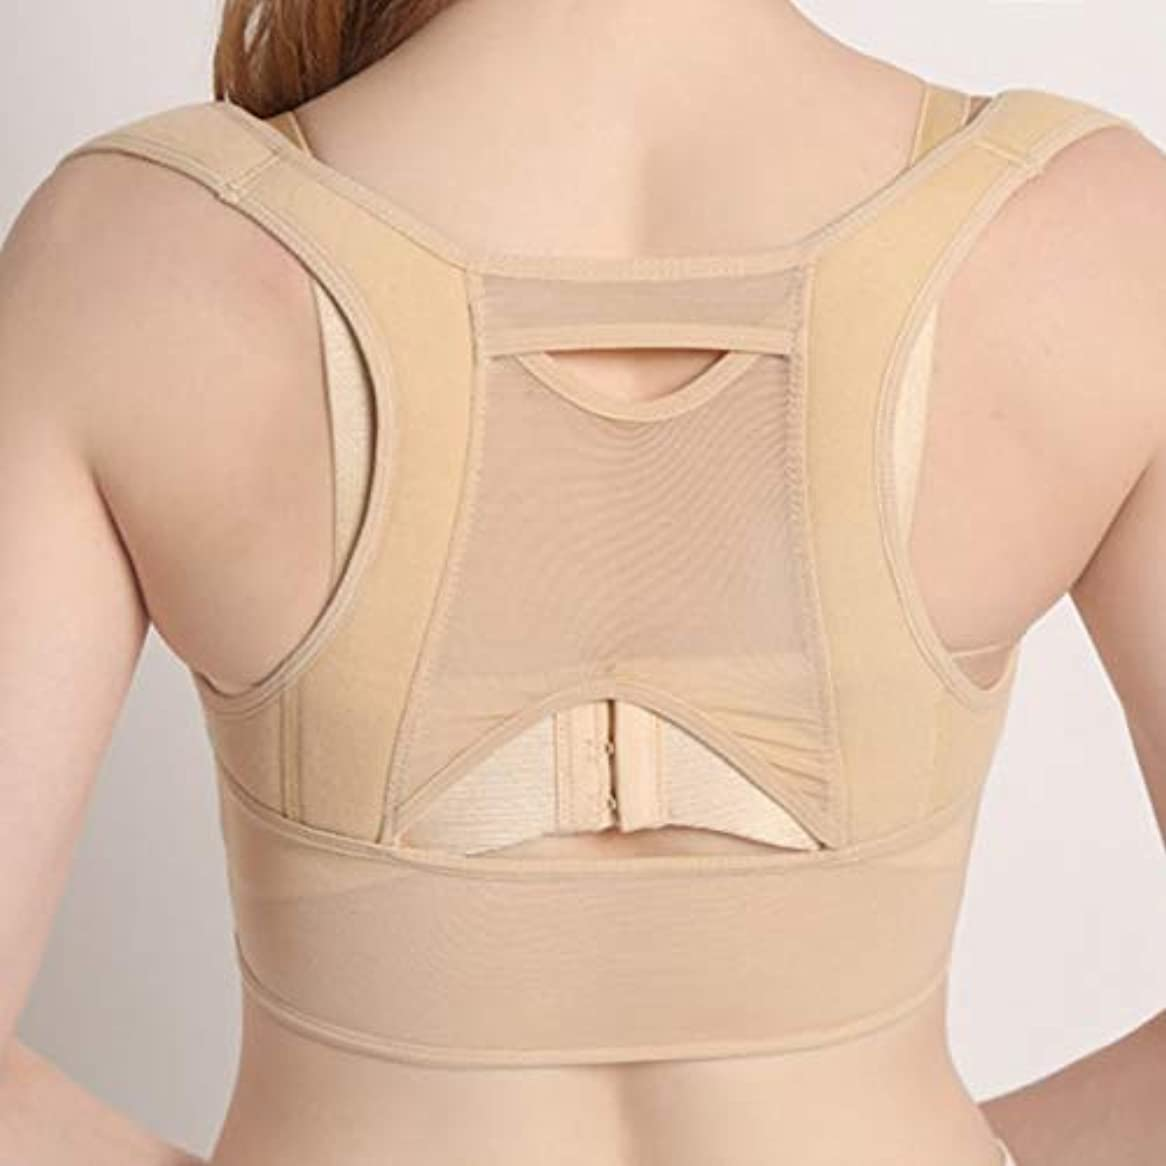 蜜樫の木コロニー通気性のある女性バック姿勢矯正コルセット整形外科用アッパーバックショルダー脊椎姿勢矯正腰椎サポート - ベージュホワイト